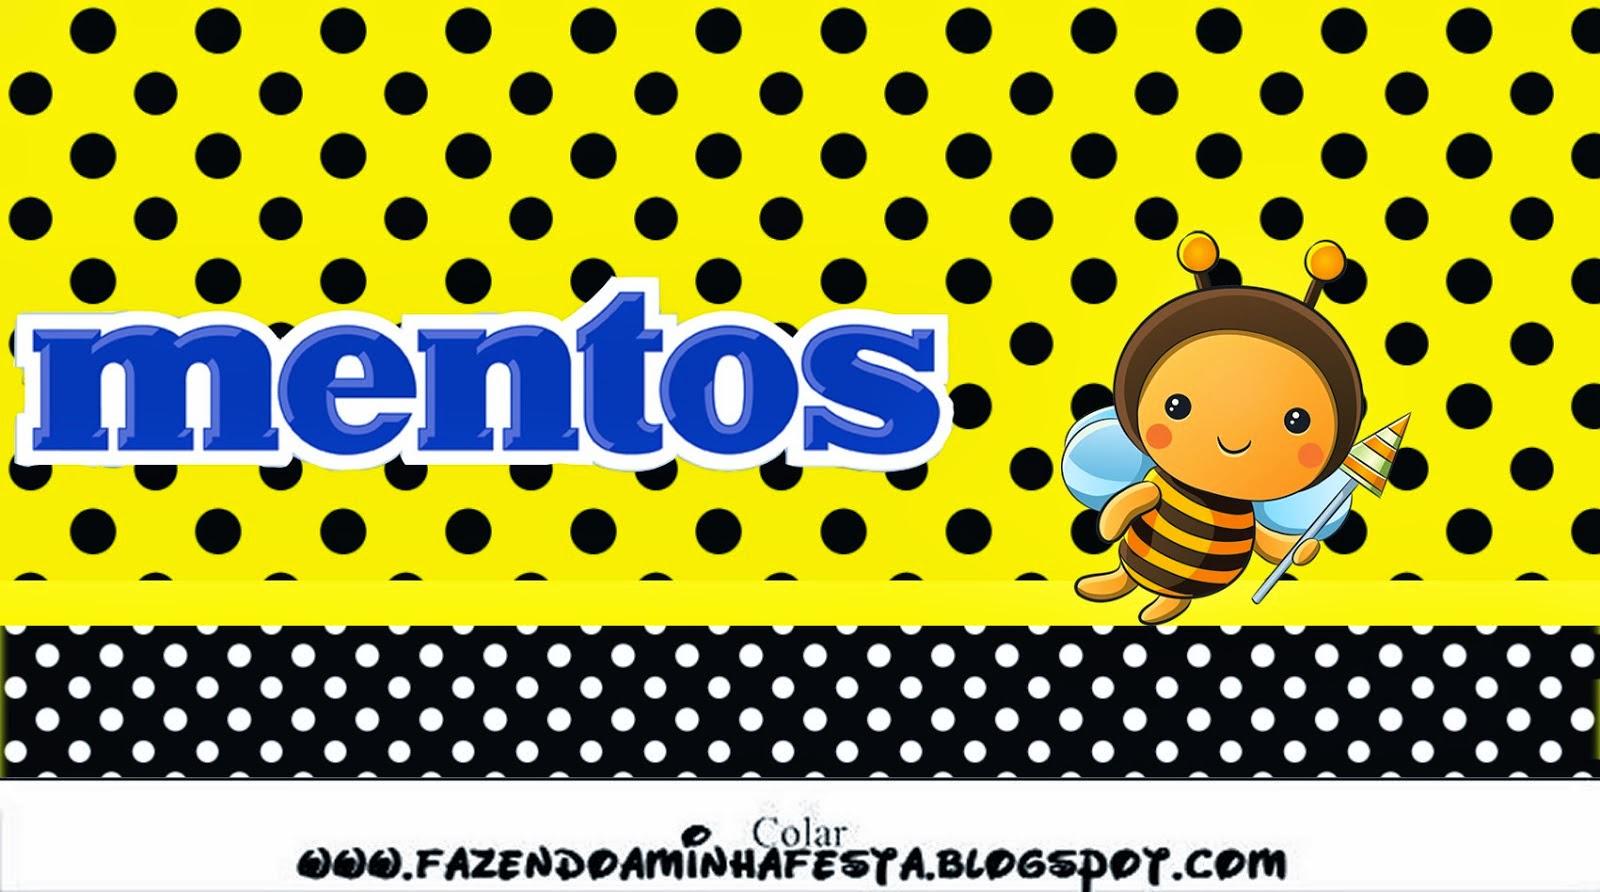 Etiqueta Mentos para Imprimir Gratis deAbejitas Bebé.